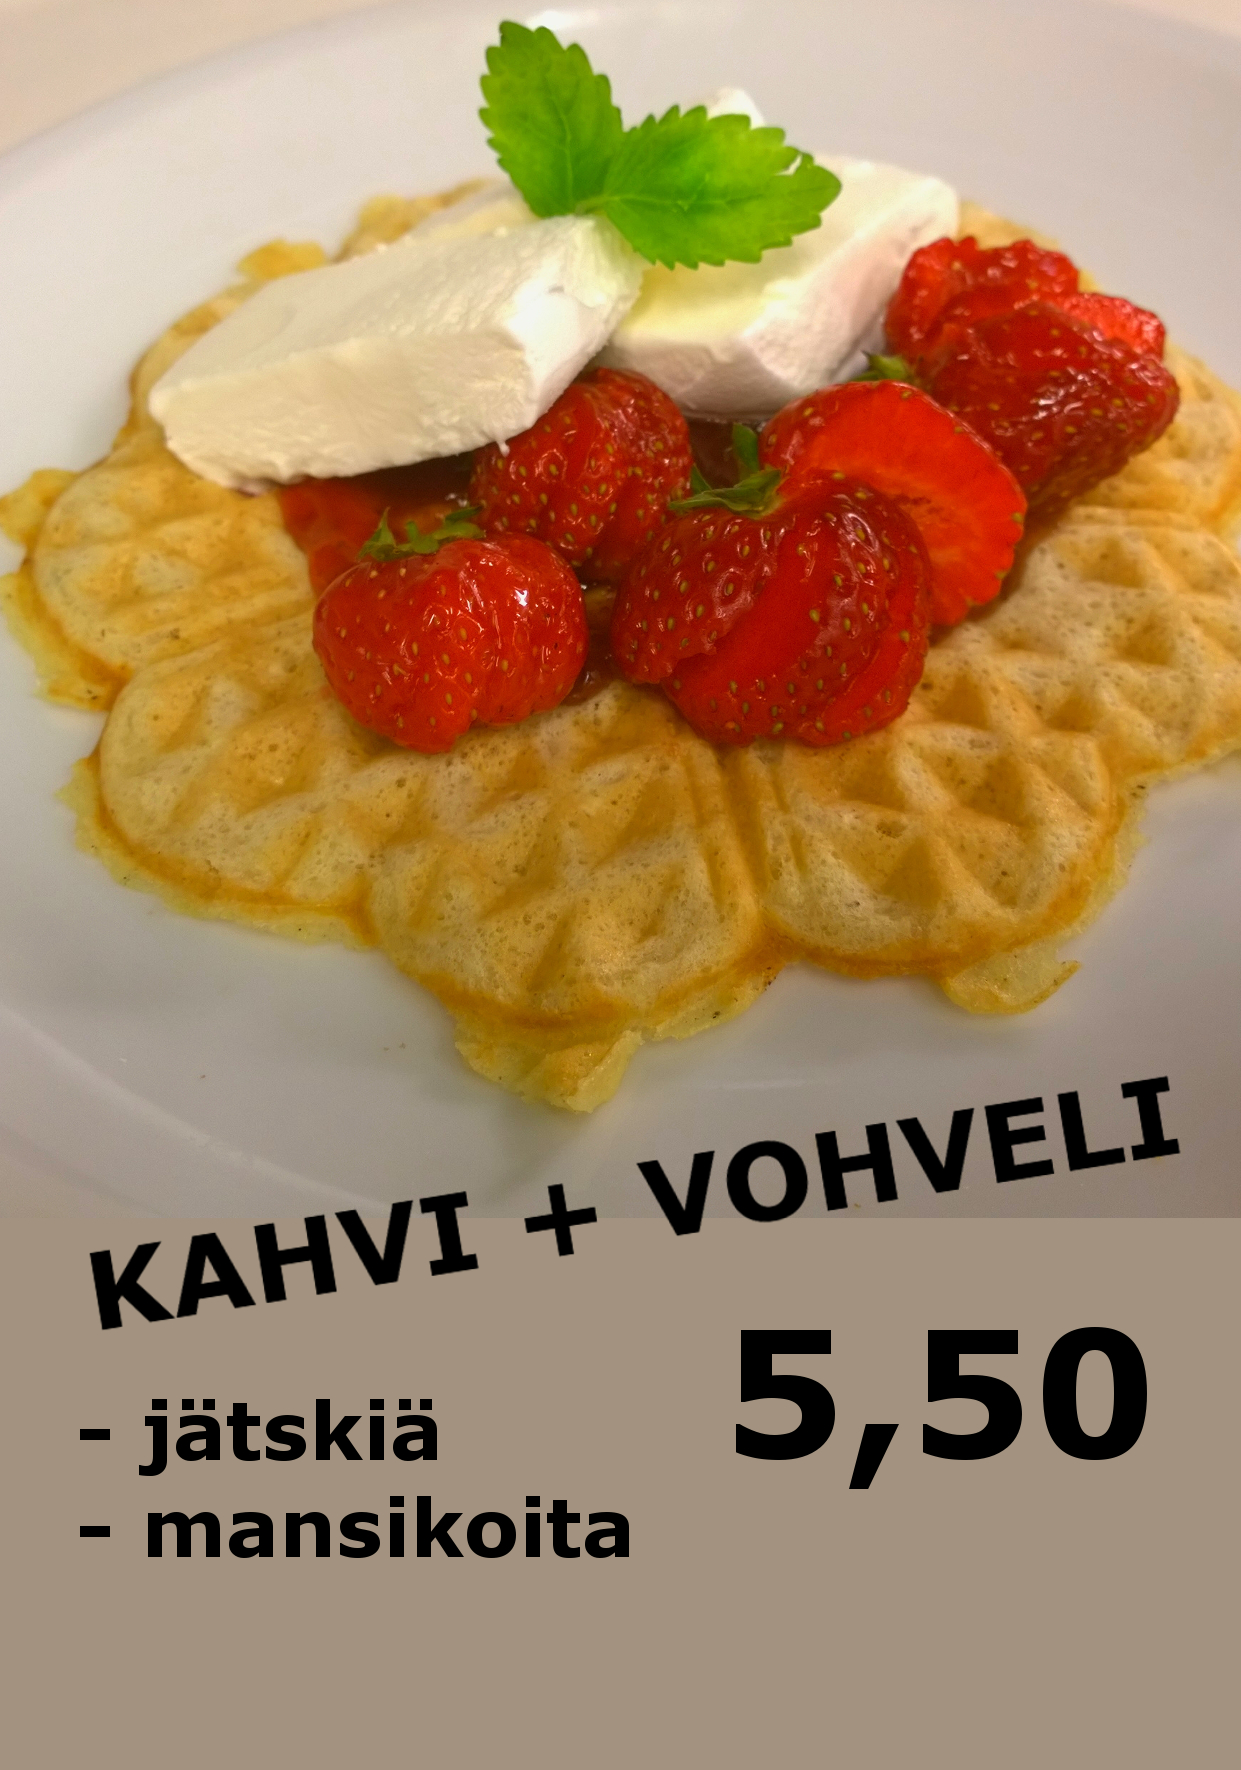 kahvi_vohveli